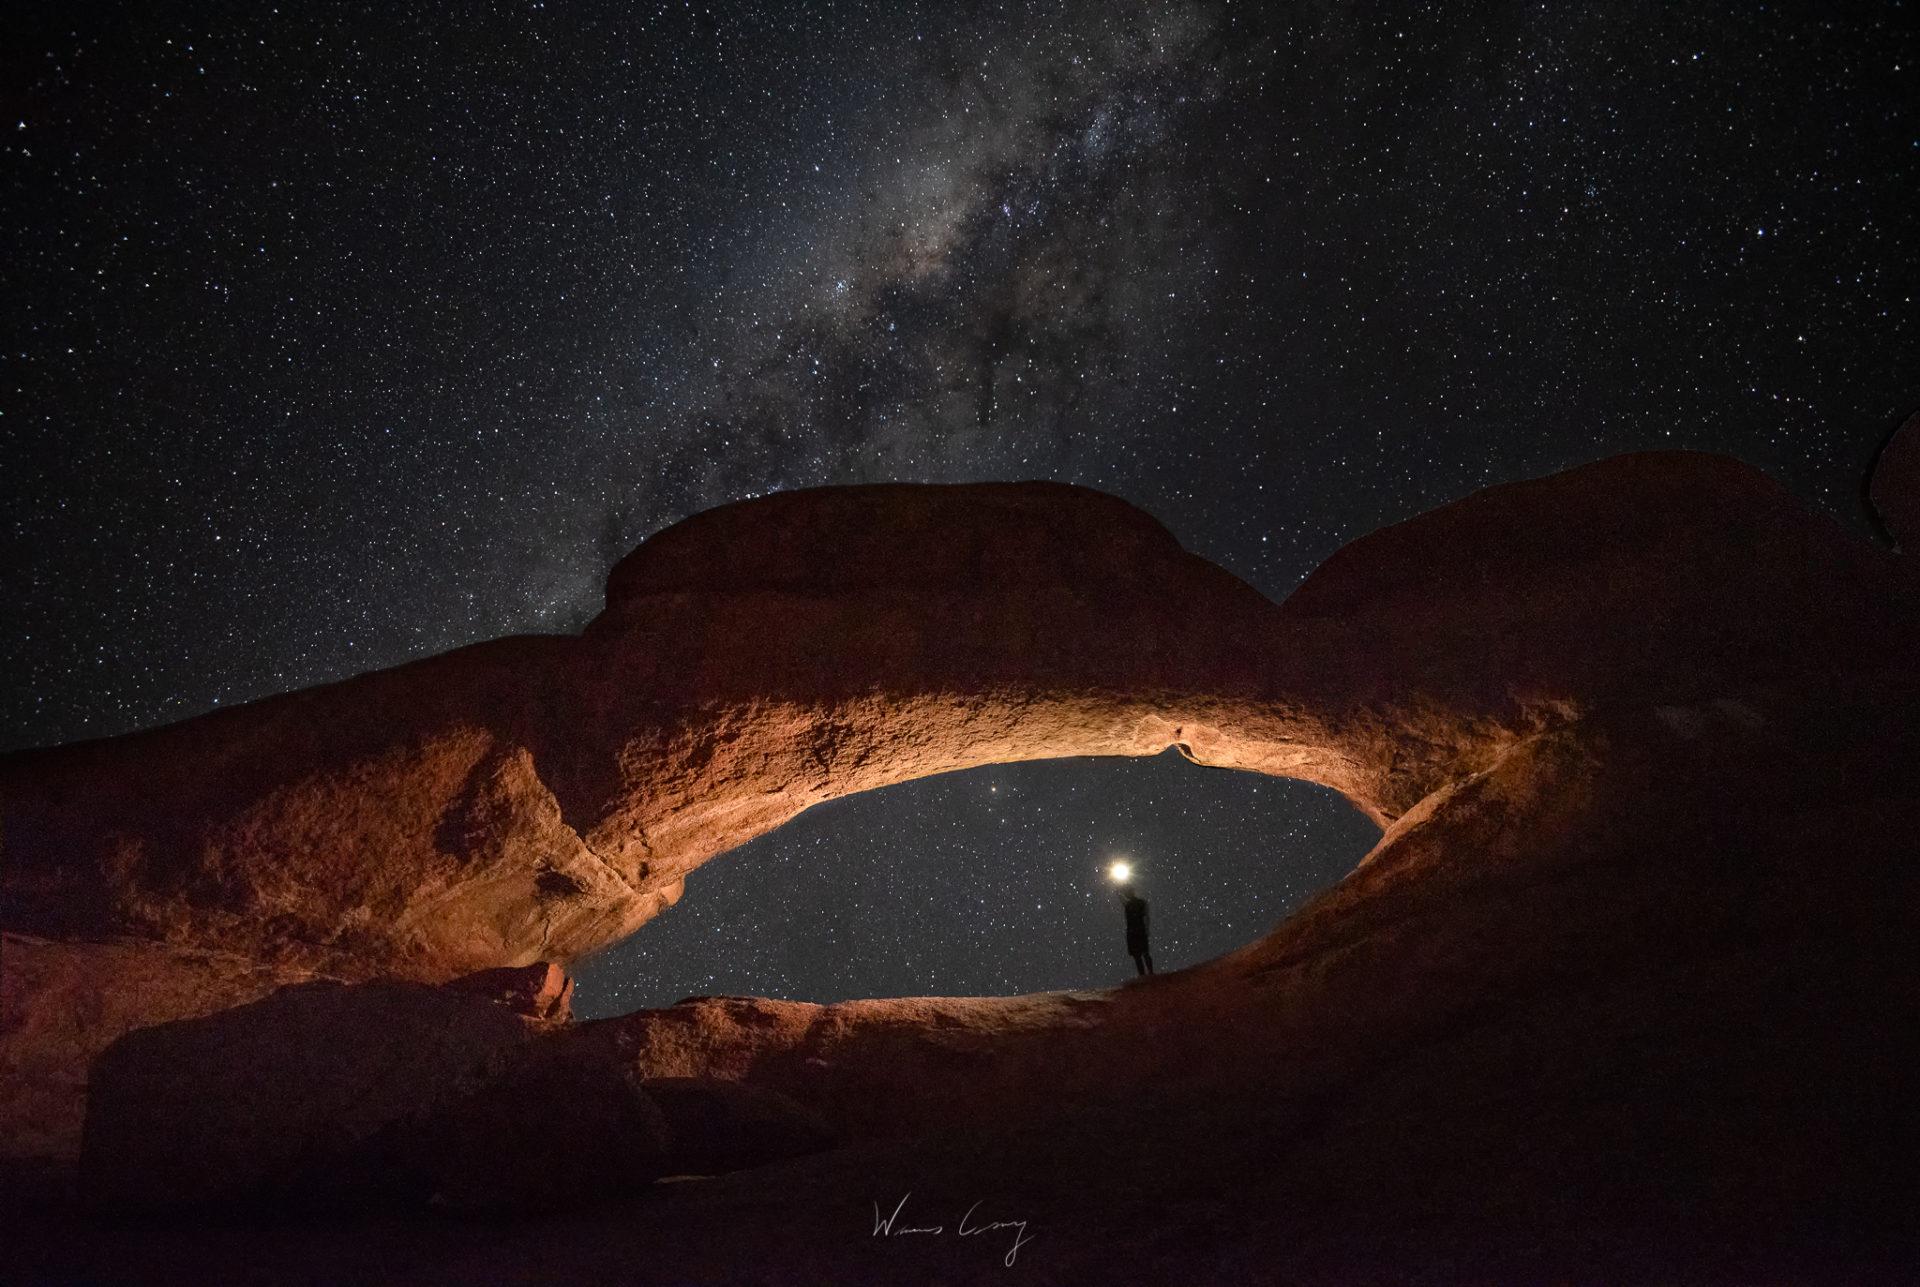 達瑪拉蘭 景點介紹與旅行建議 by 旅行攝影師張威廉 Wilhelm Chang